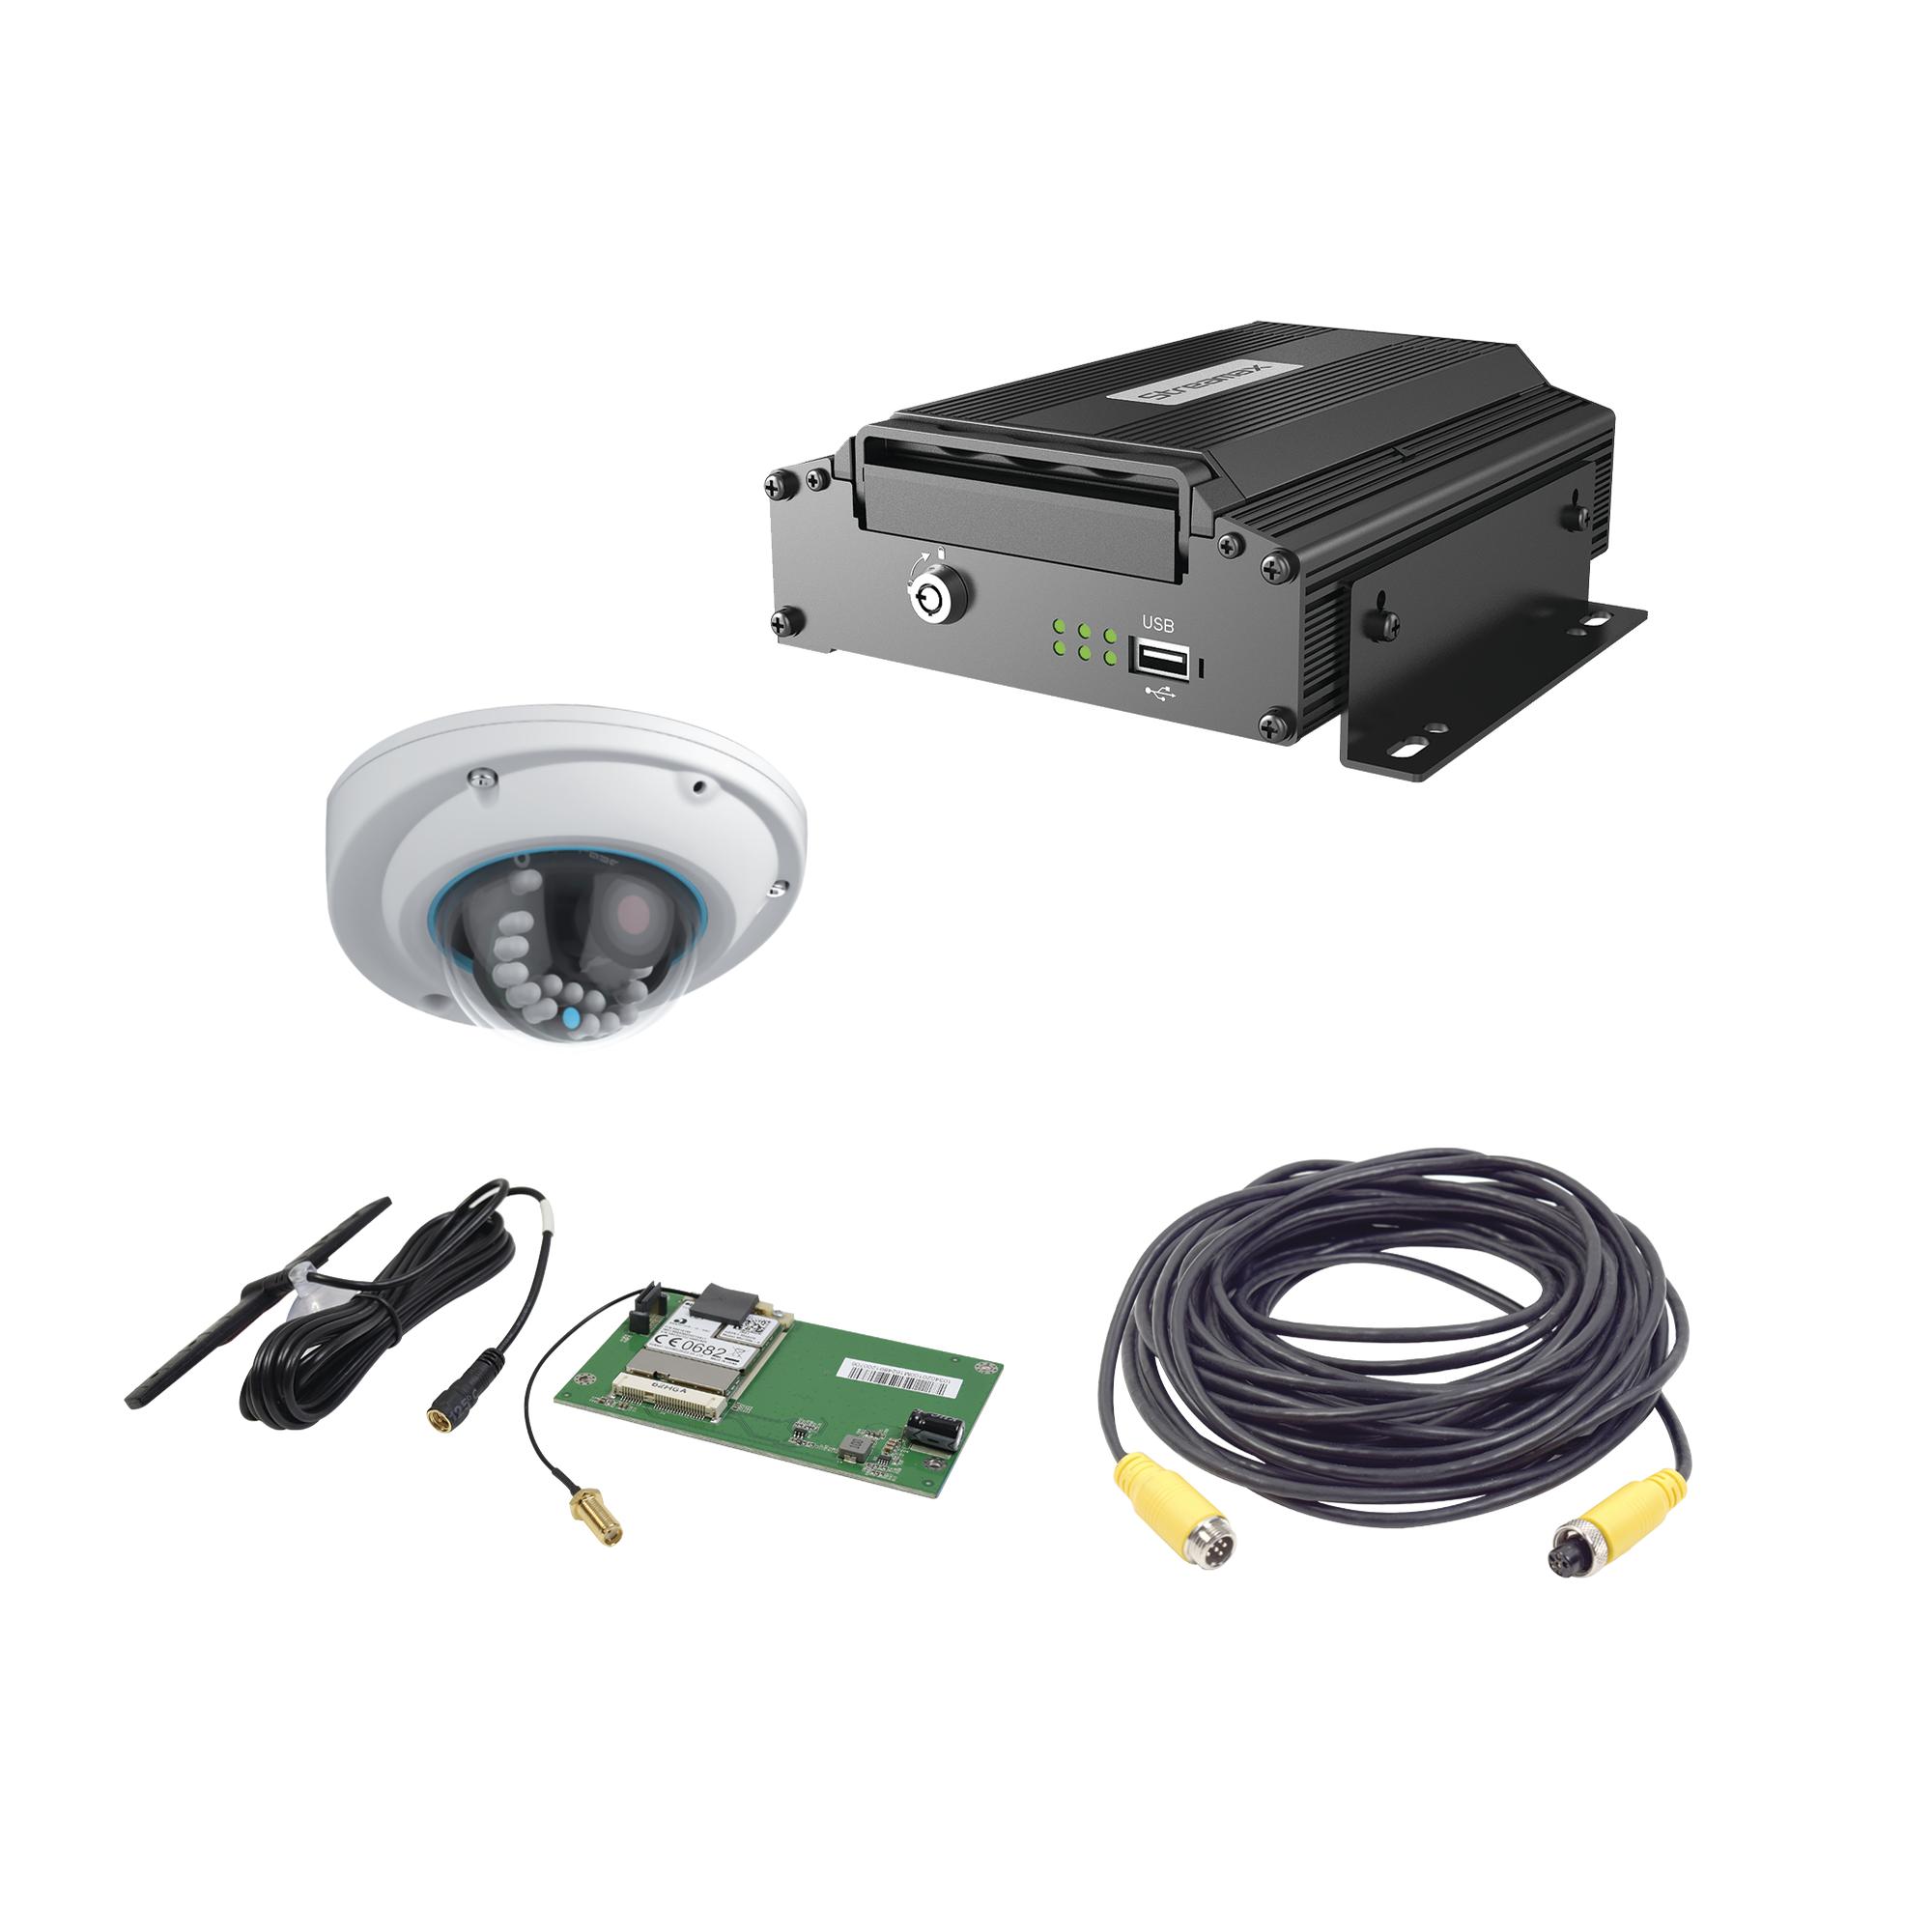 Sistema de videovigilancia Móvil AHD, incluye MDVR de 5 ch y cámara IP 1MP